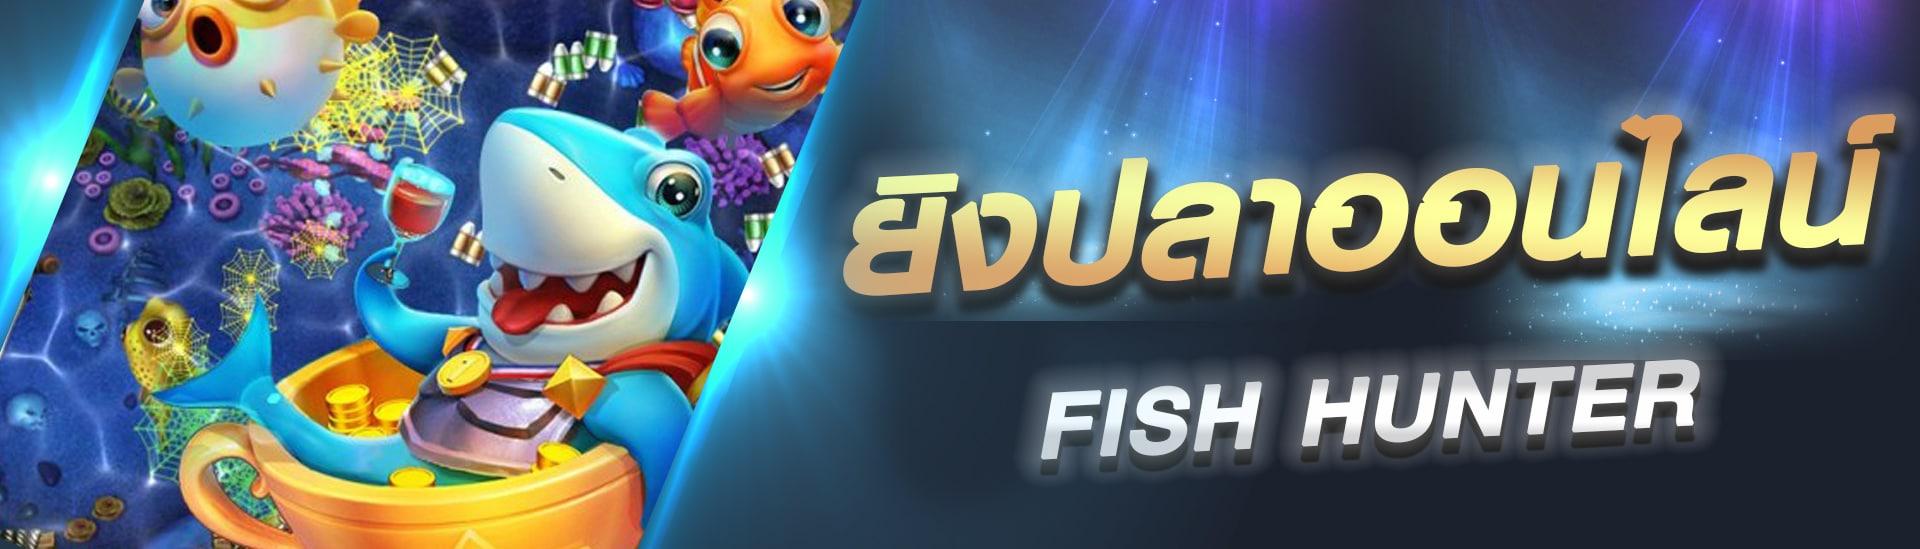 เกมยิงปลาออนไลน์ สมัครสมาชิกรับฟรี 100 บาท ยิงปลาตายง่าย